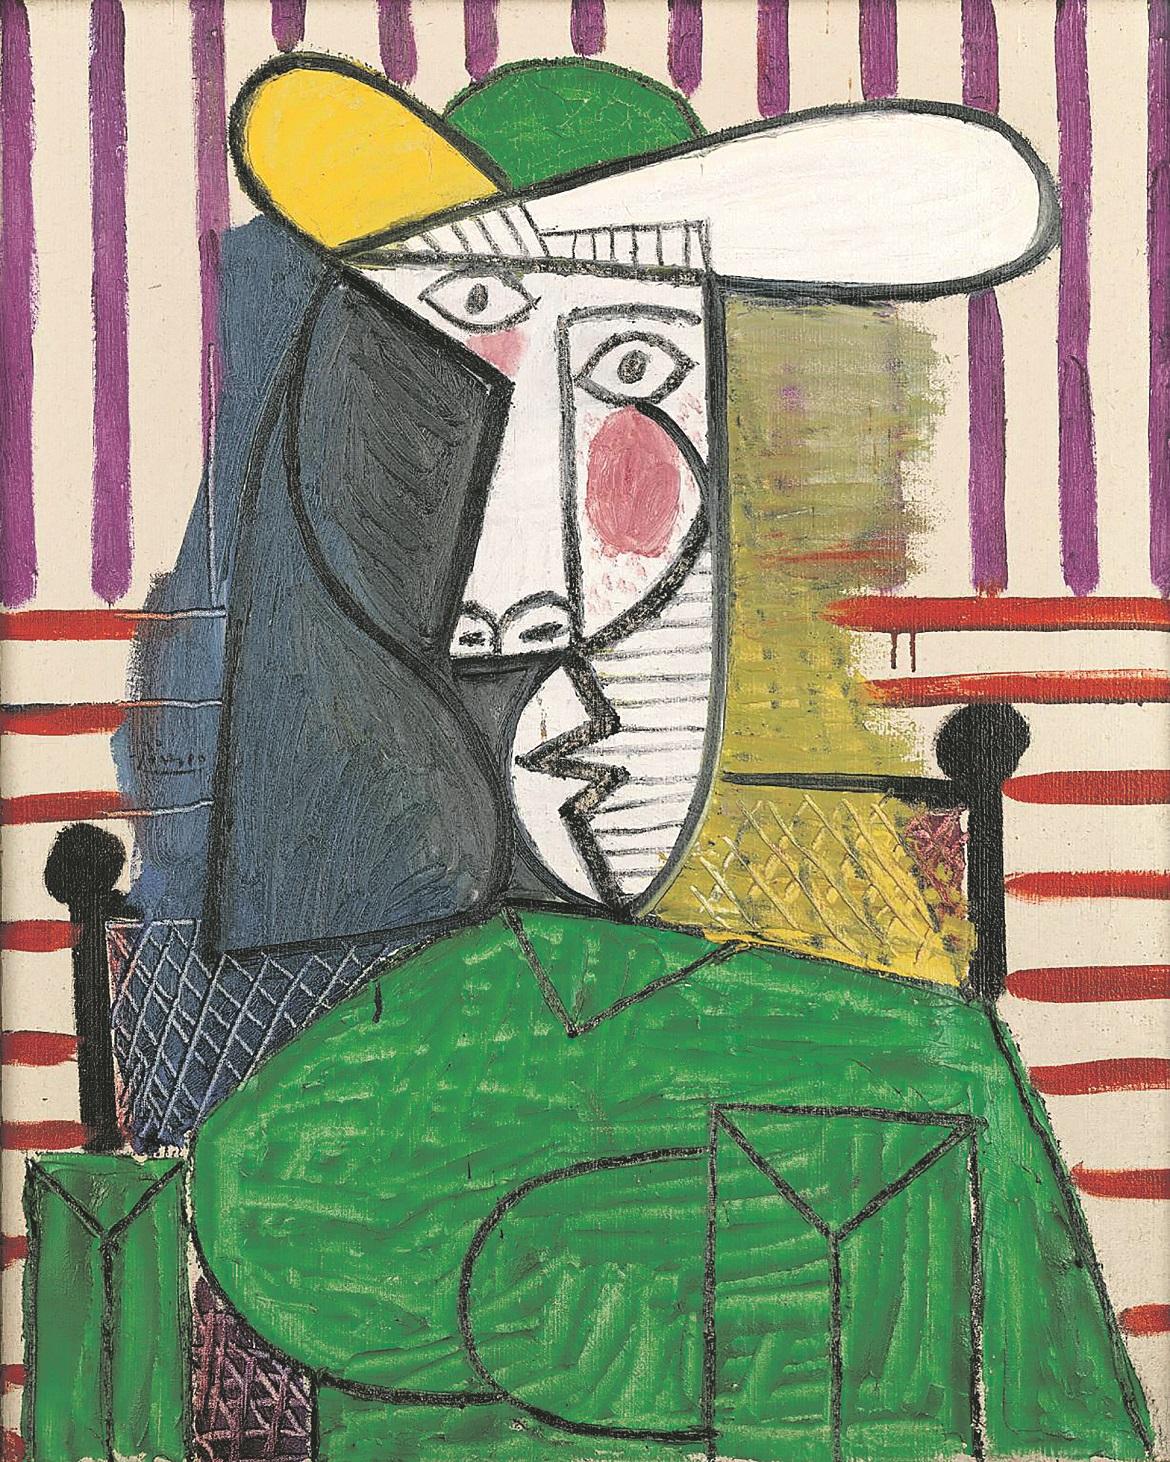 Picassoovo djelo 'Buste de femme'